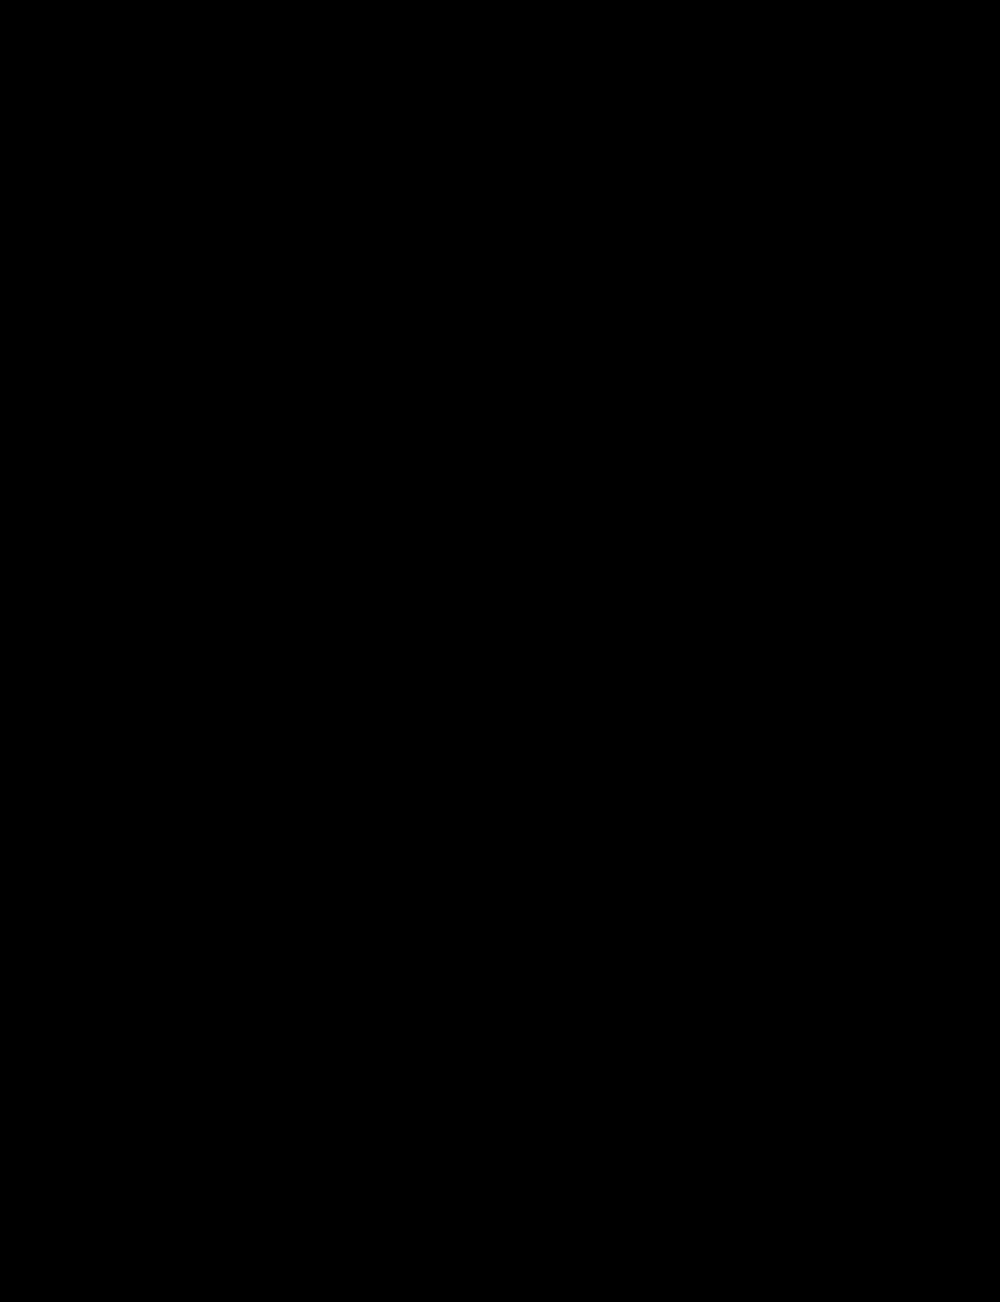 Défilé Hervé Léger prêt-à-porter printemps-été 2016.